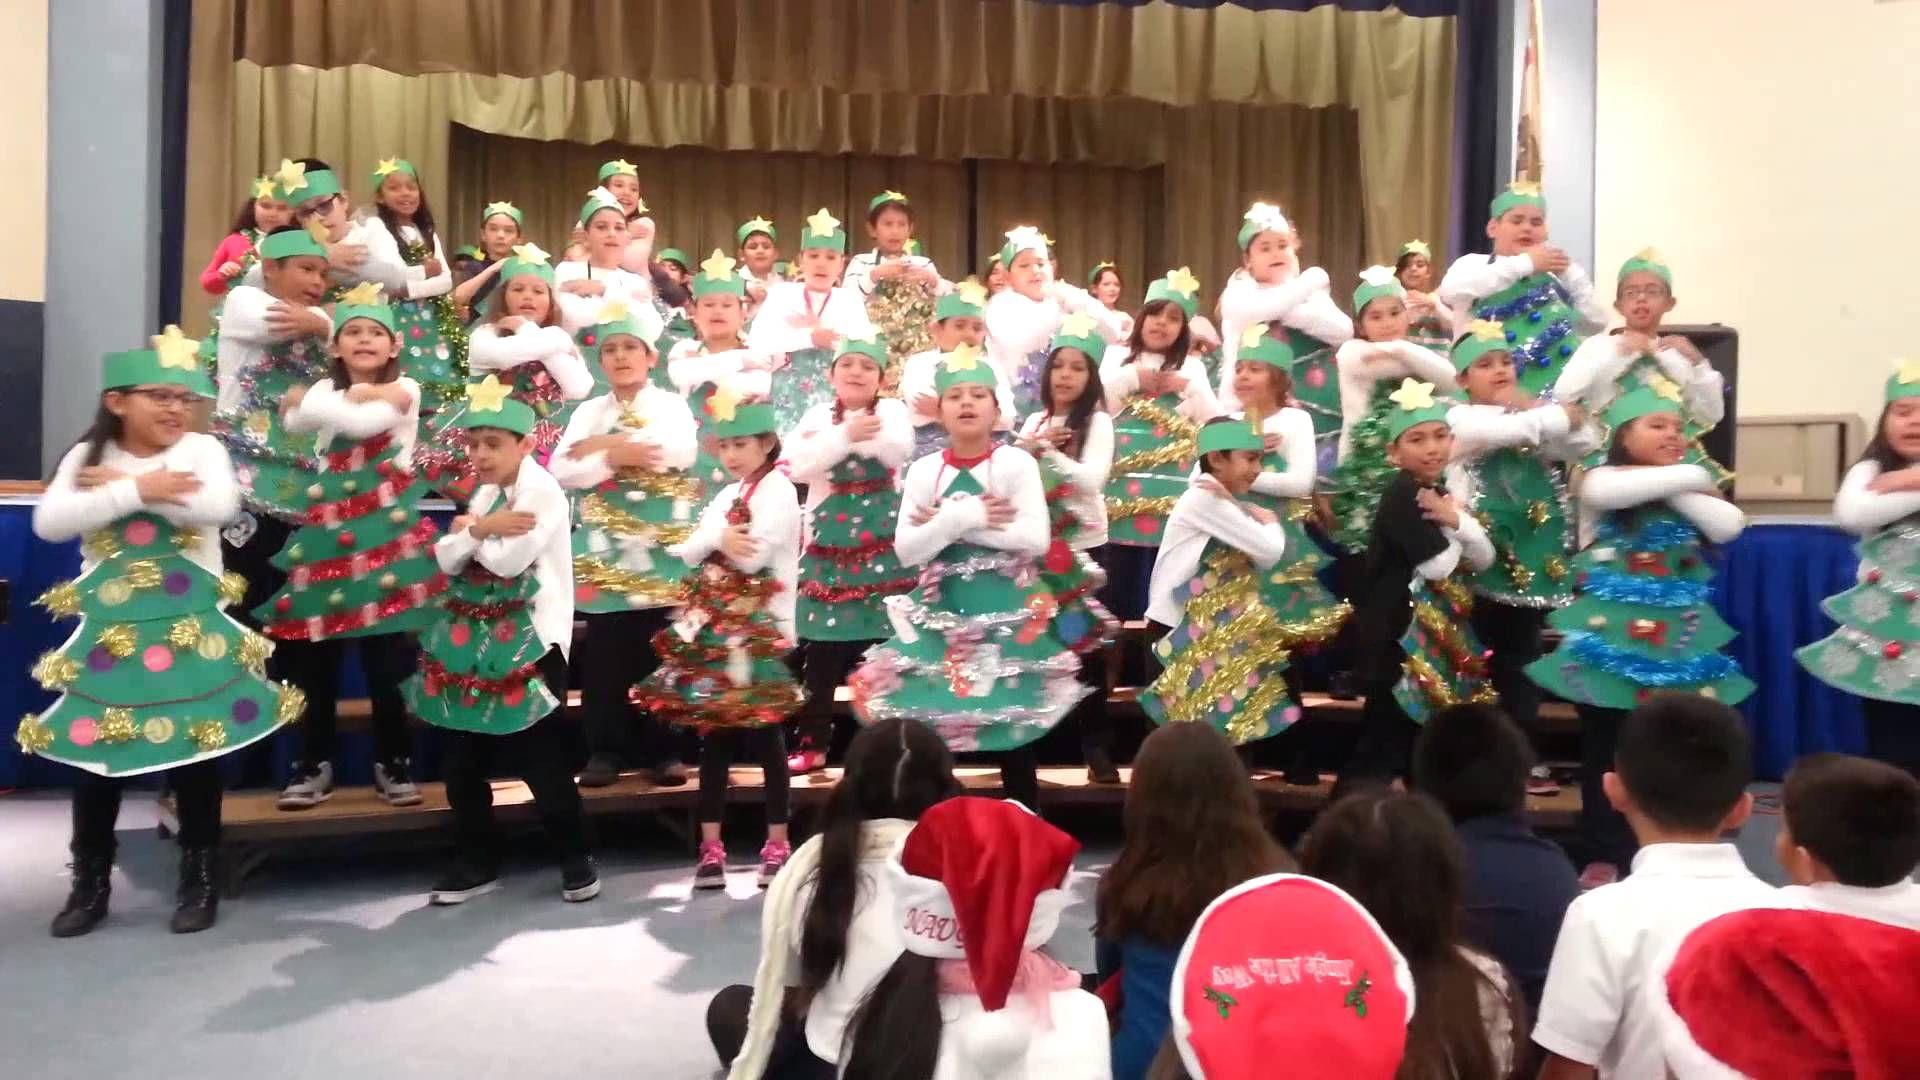 I'm the Happiest Christmas Tree 2014 | Christmas concert, Happy christmas, Christmas program